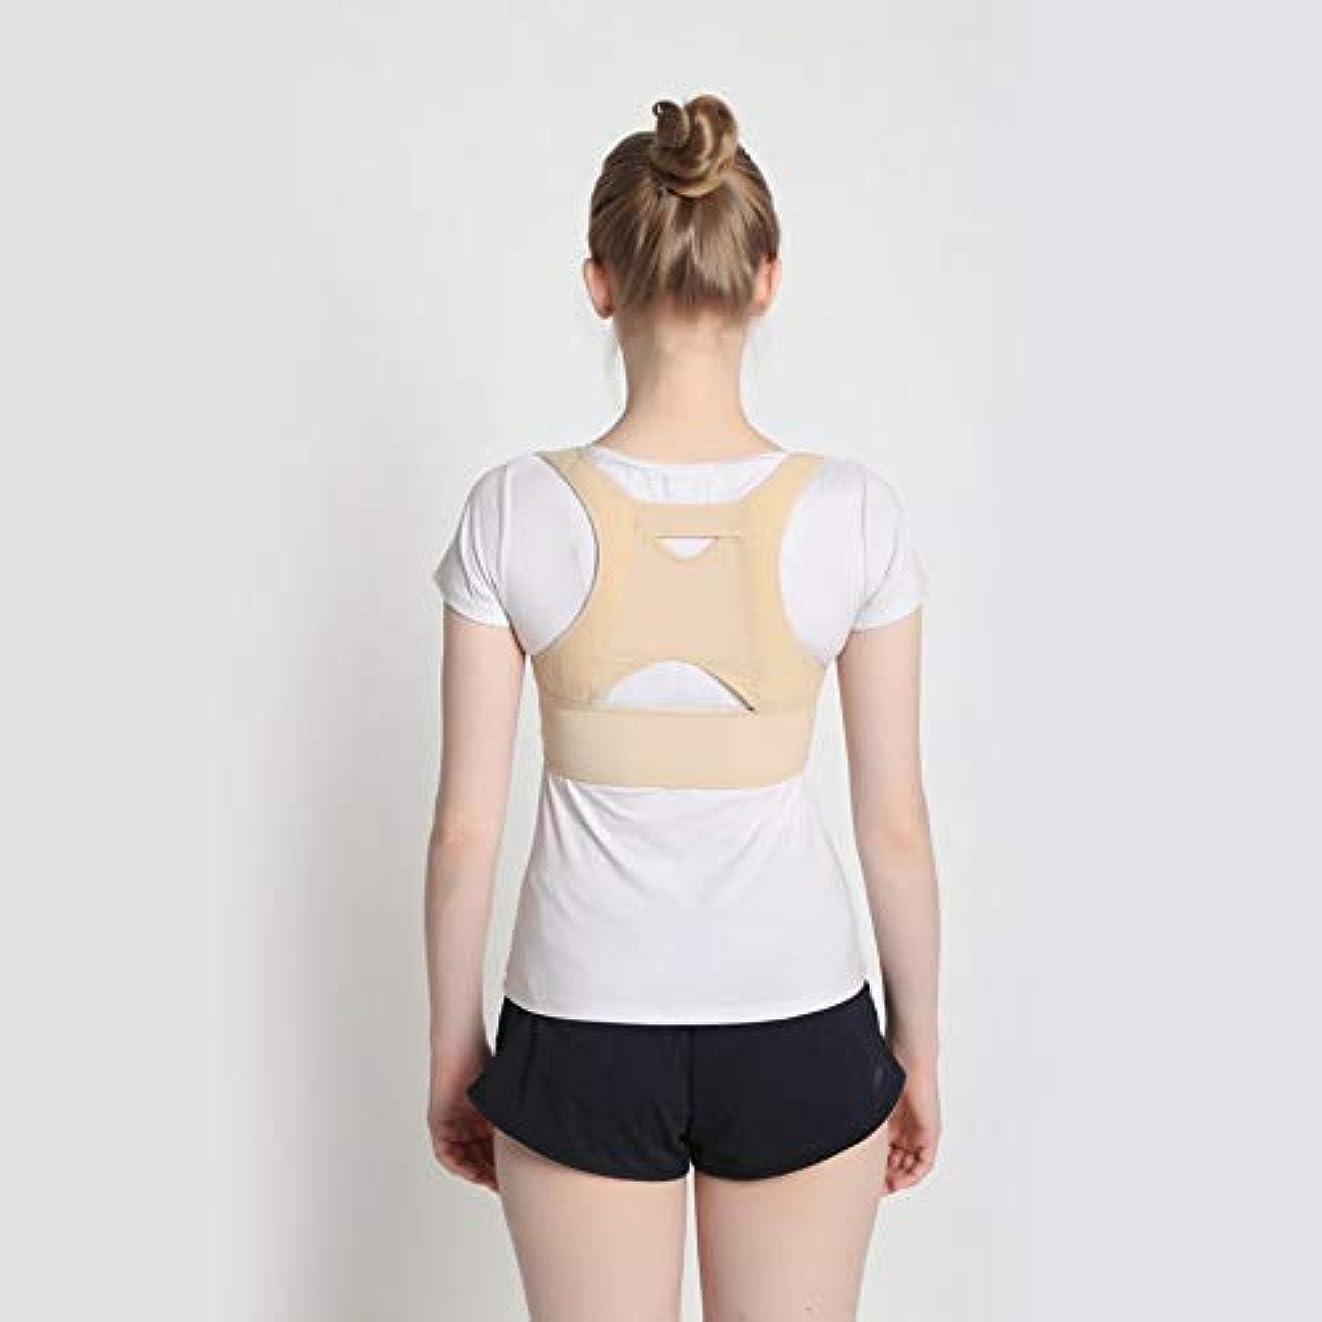 友だち心からゴールデン通気性のある女性の背中の姿勢矯正コルセット整形外科の肩の背骨の背骨の姿勢矯正腰椎サポート